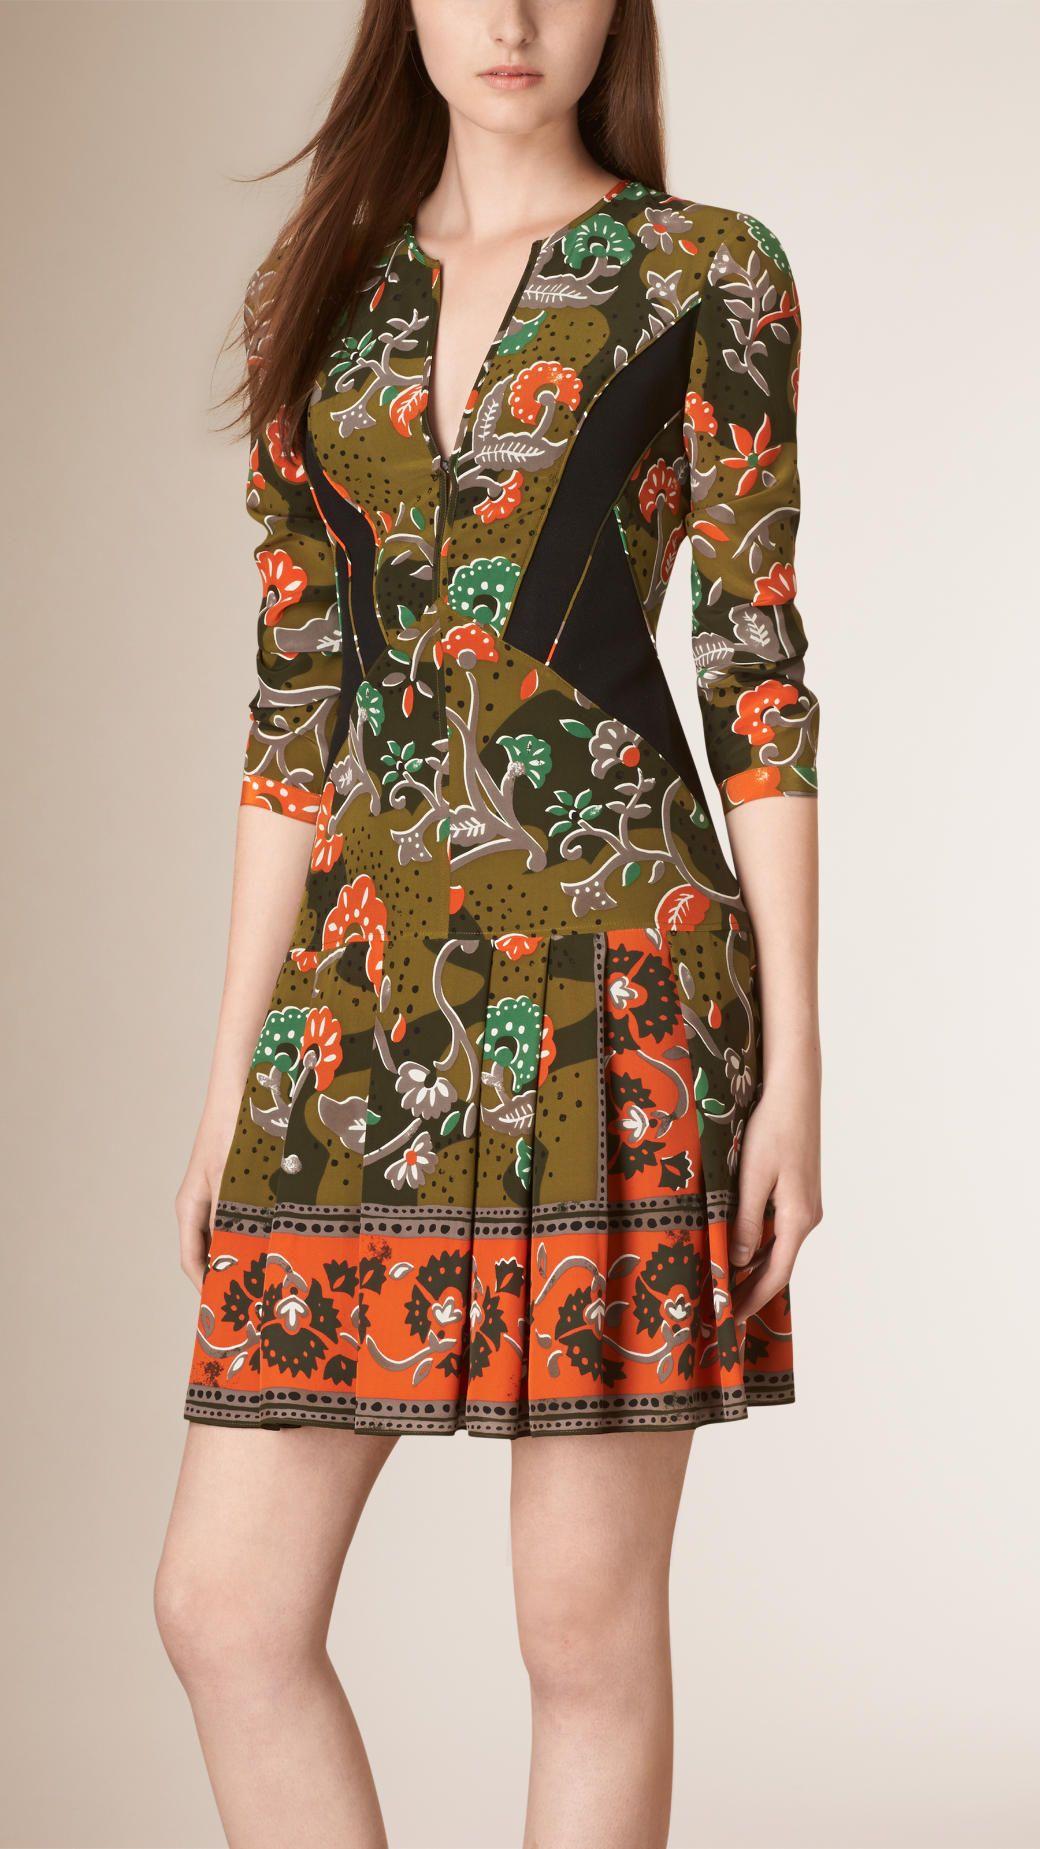 Vêtements pour femme   Burberry   modelist   Pinterest   Robe en ... 2186f347904